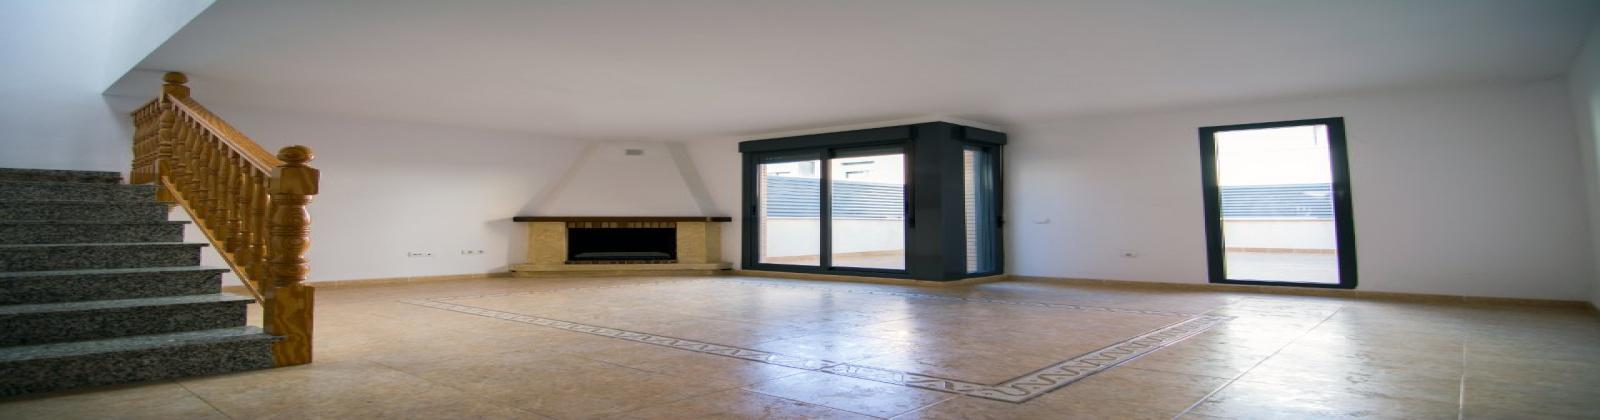 Calle Miguel Servet 8, Roquetas de Mar, Almería 04740, 4 Habitaciones Habitaciones, ,2 BathroomsBathrooms,Viviendas,En venta,Jardines de la avenida,Calle Miguel Servet,1039